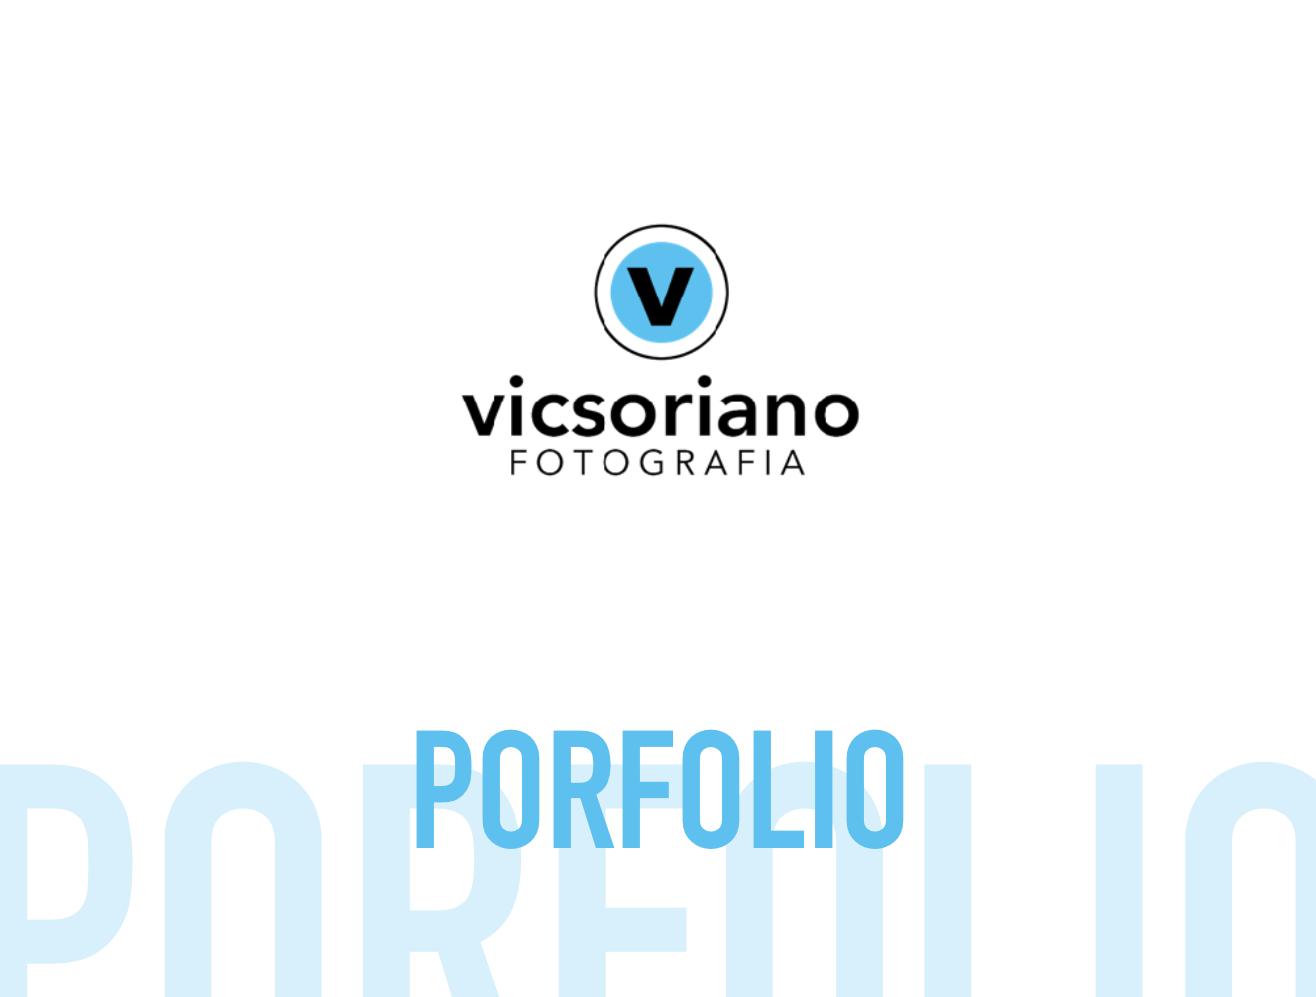 porfolio fotografia publicidad victor soriano